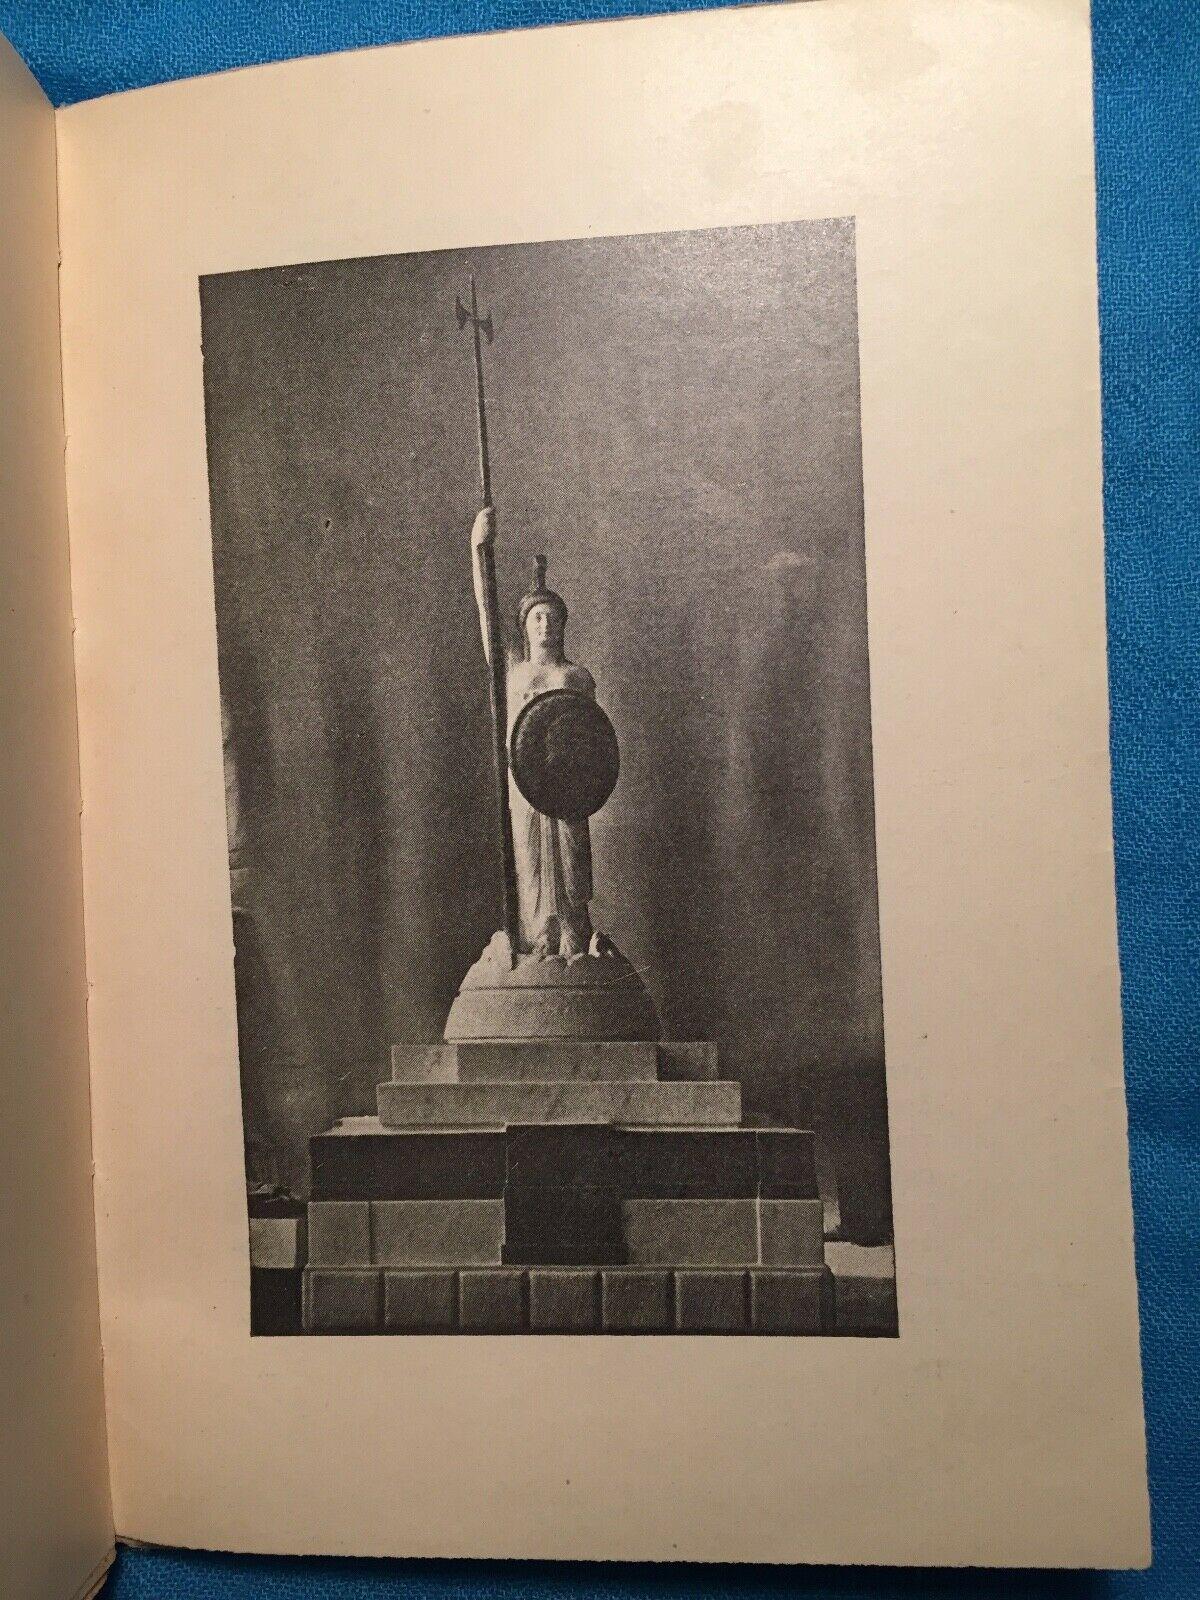 eon-greece-book-1937-eon-fascist-youth-06